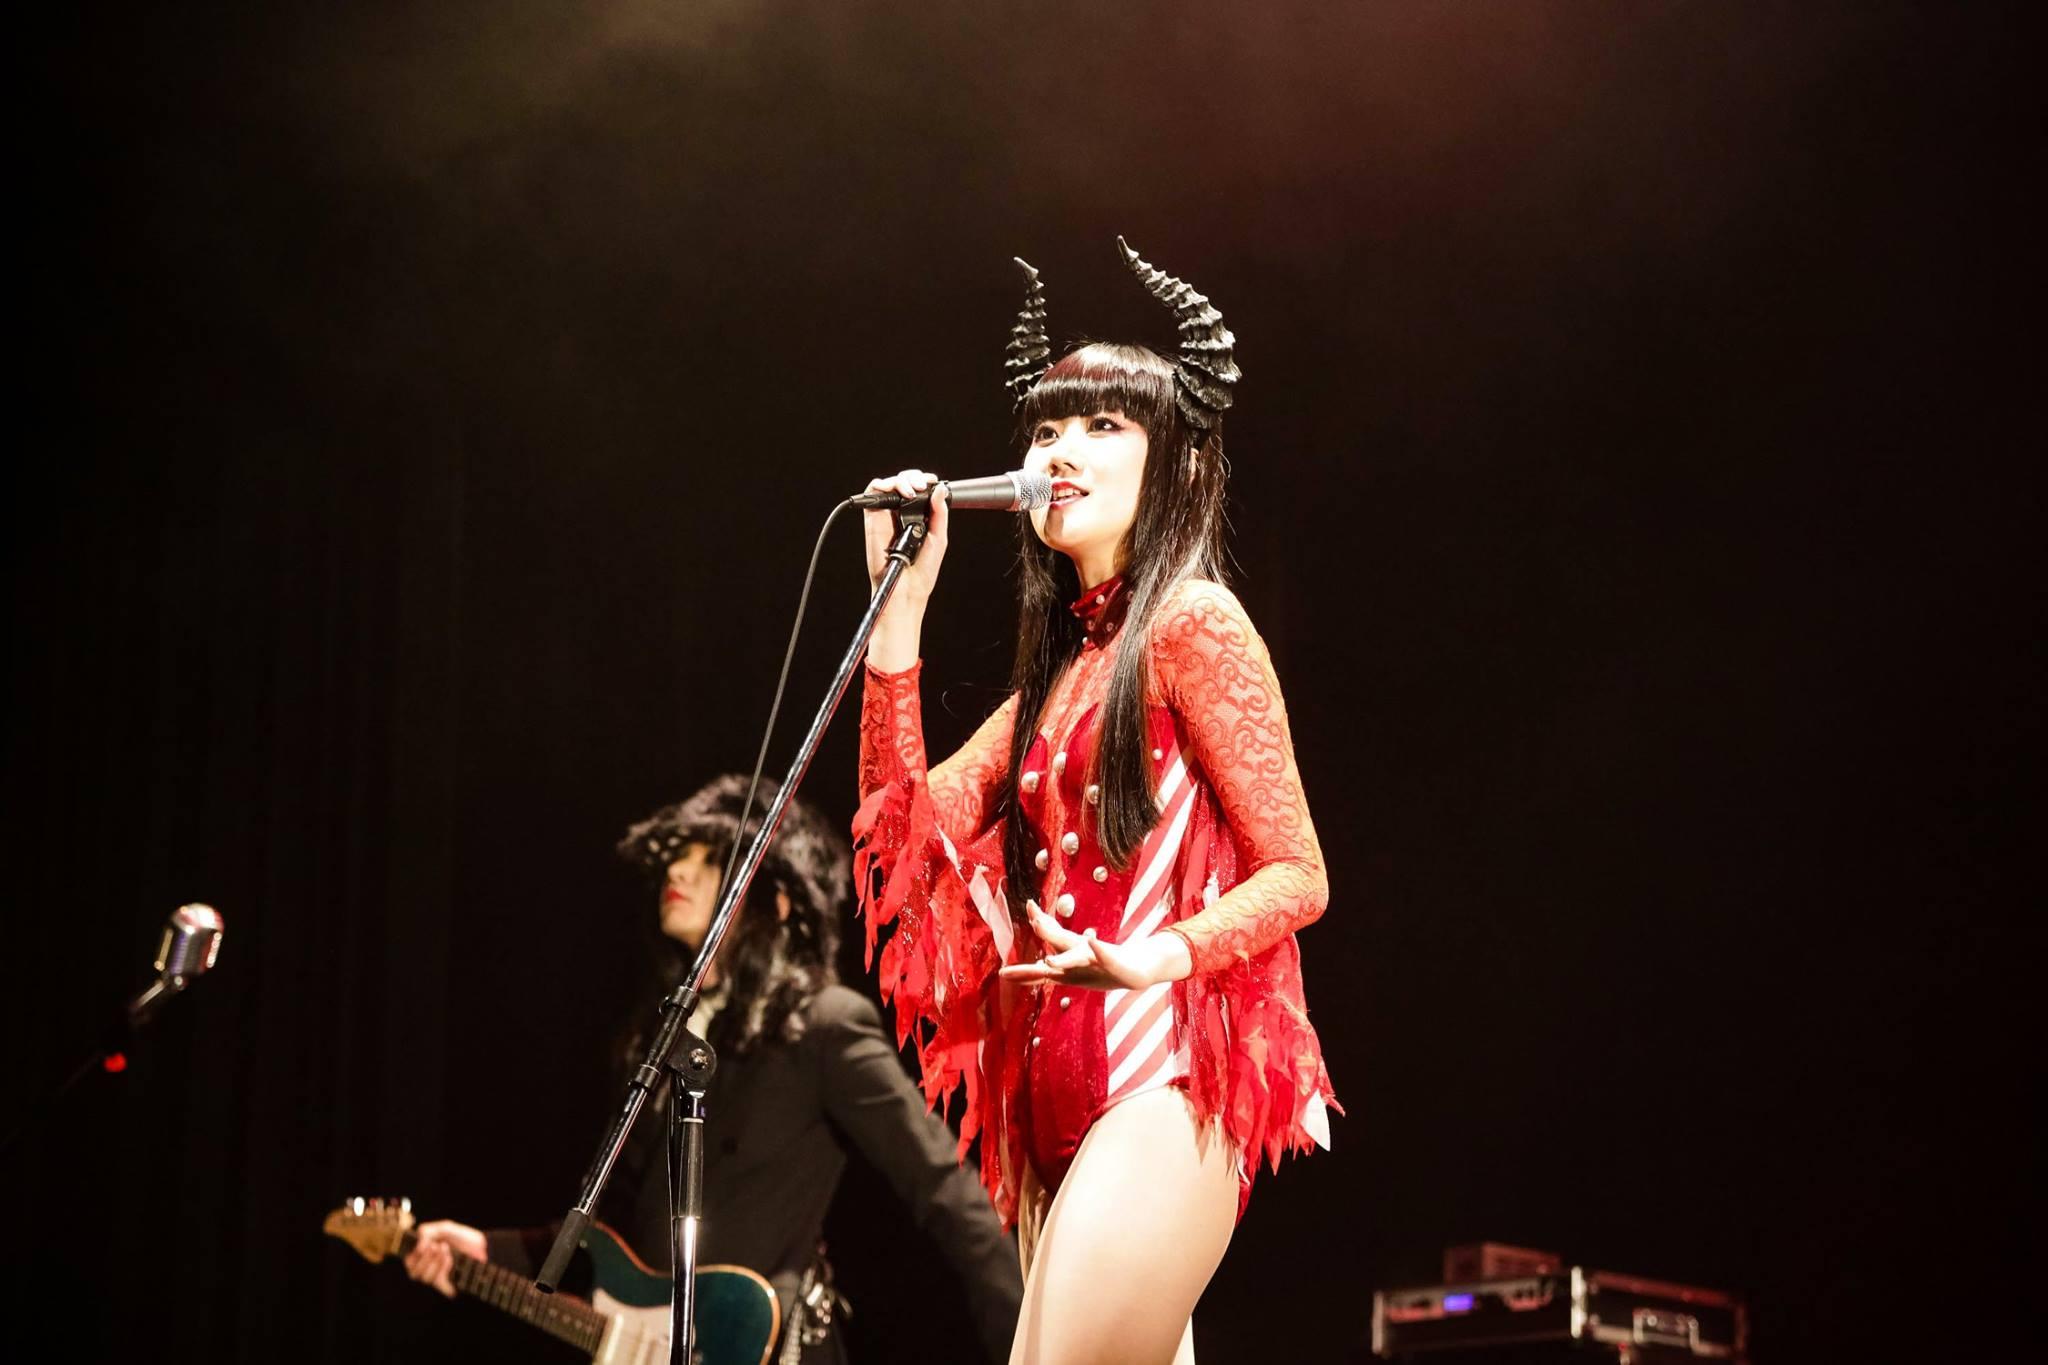 RMMS-URBANGARDE-Tenshi-de-Akuma-live-CD-B